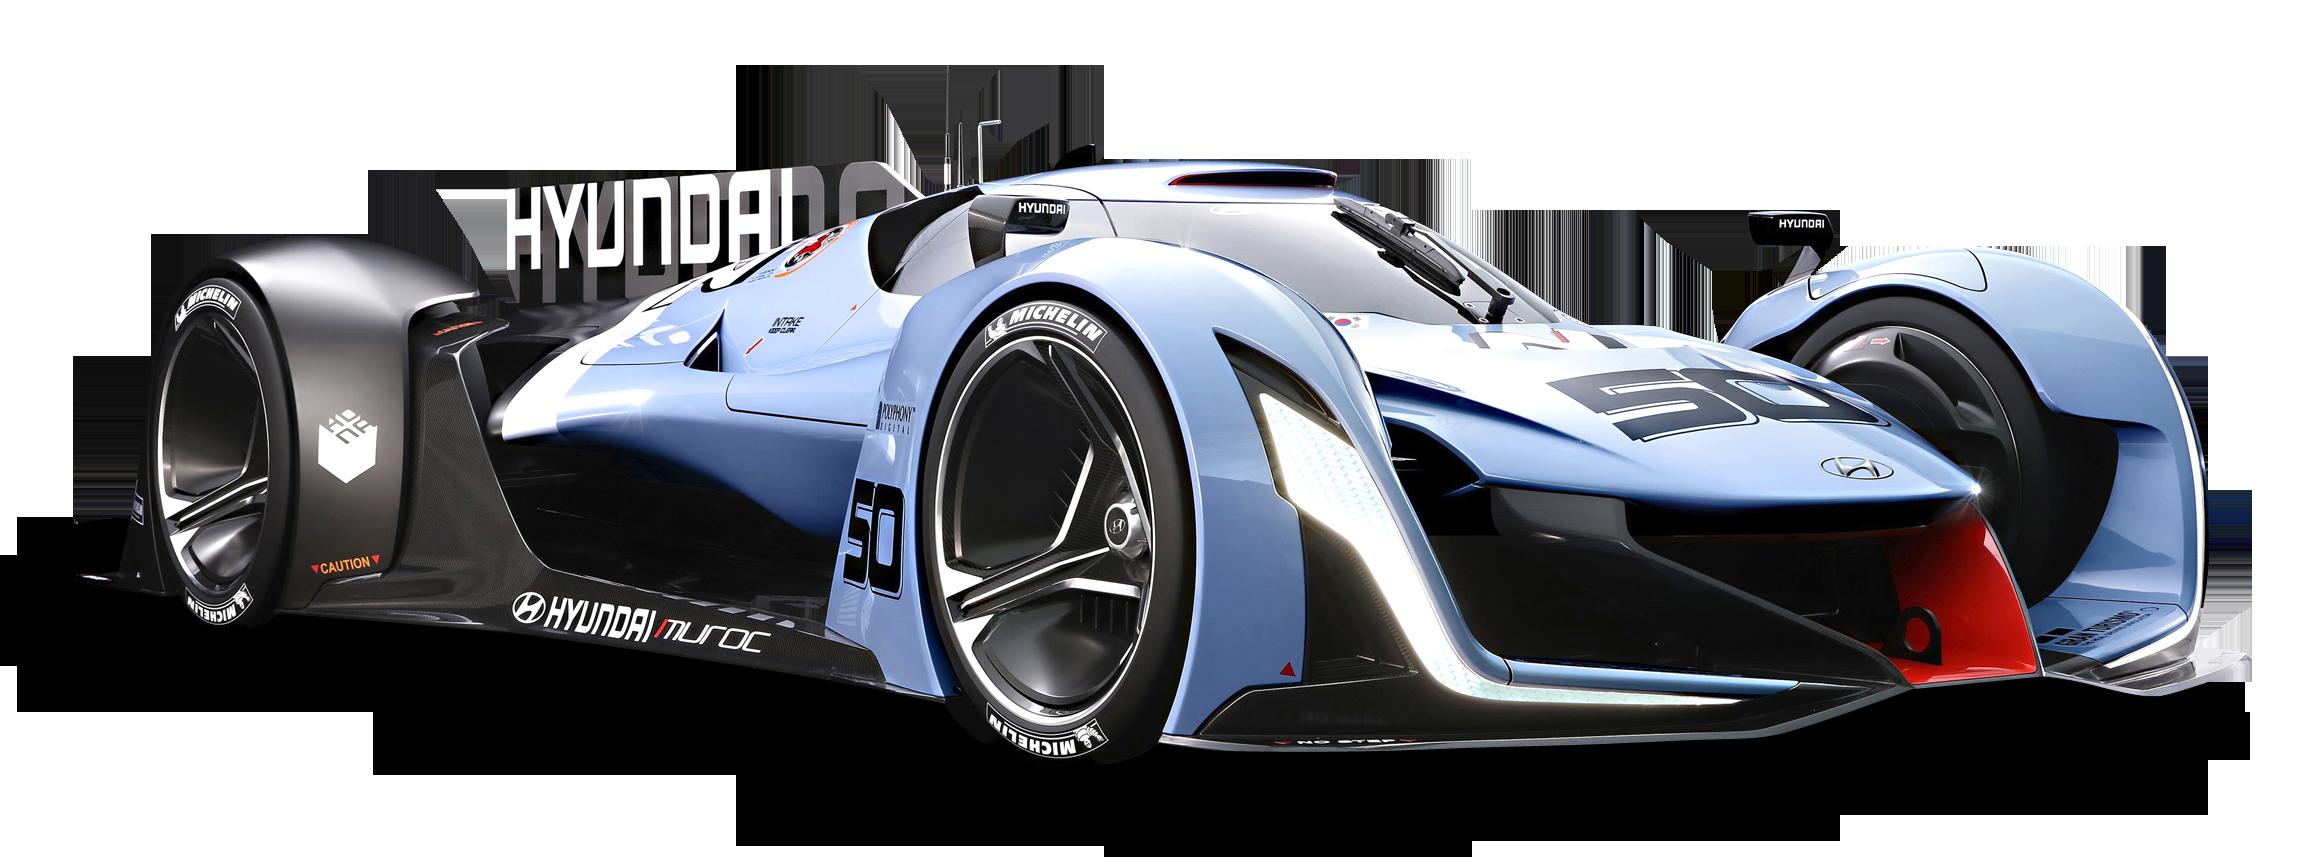 Hyundai N 2025 Vision Gran Turismo Blue Car